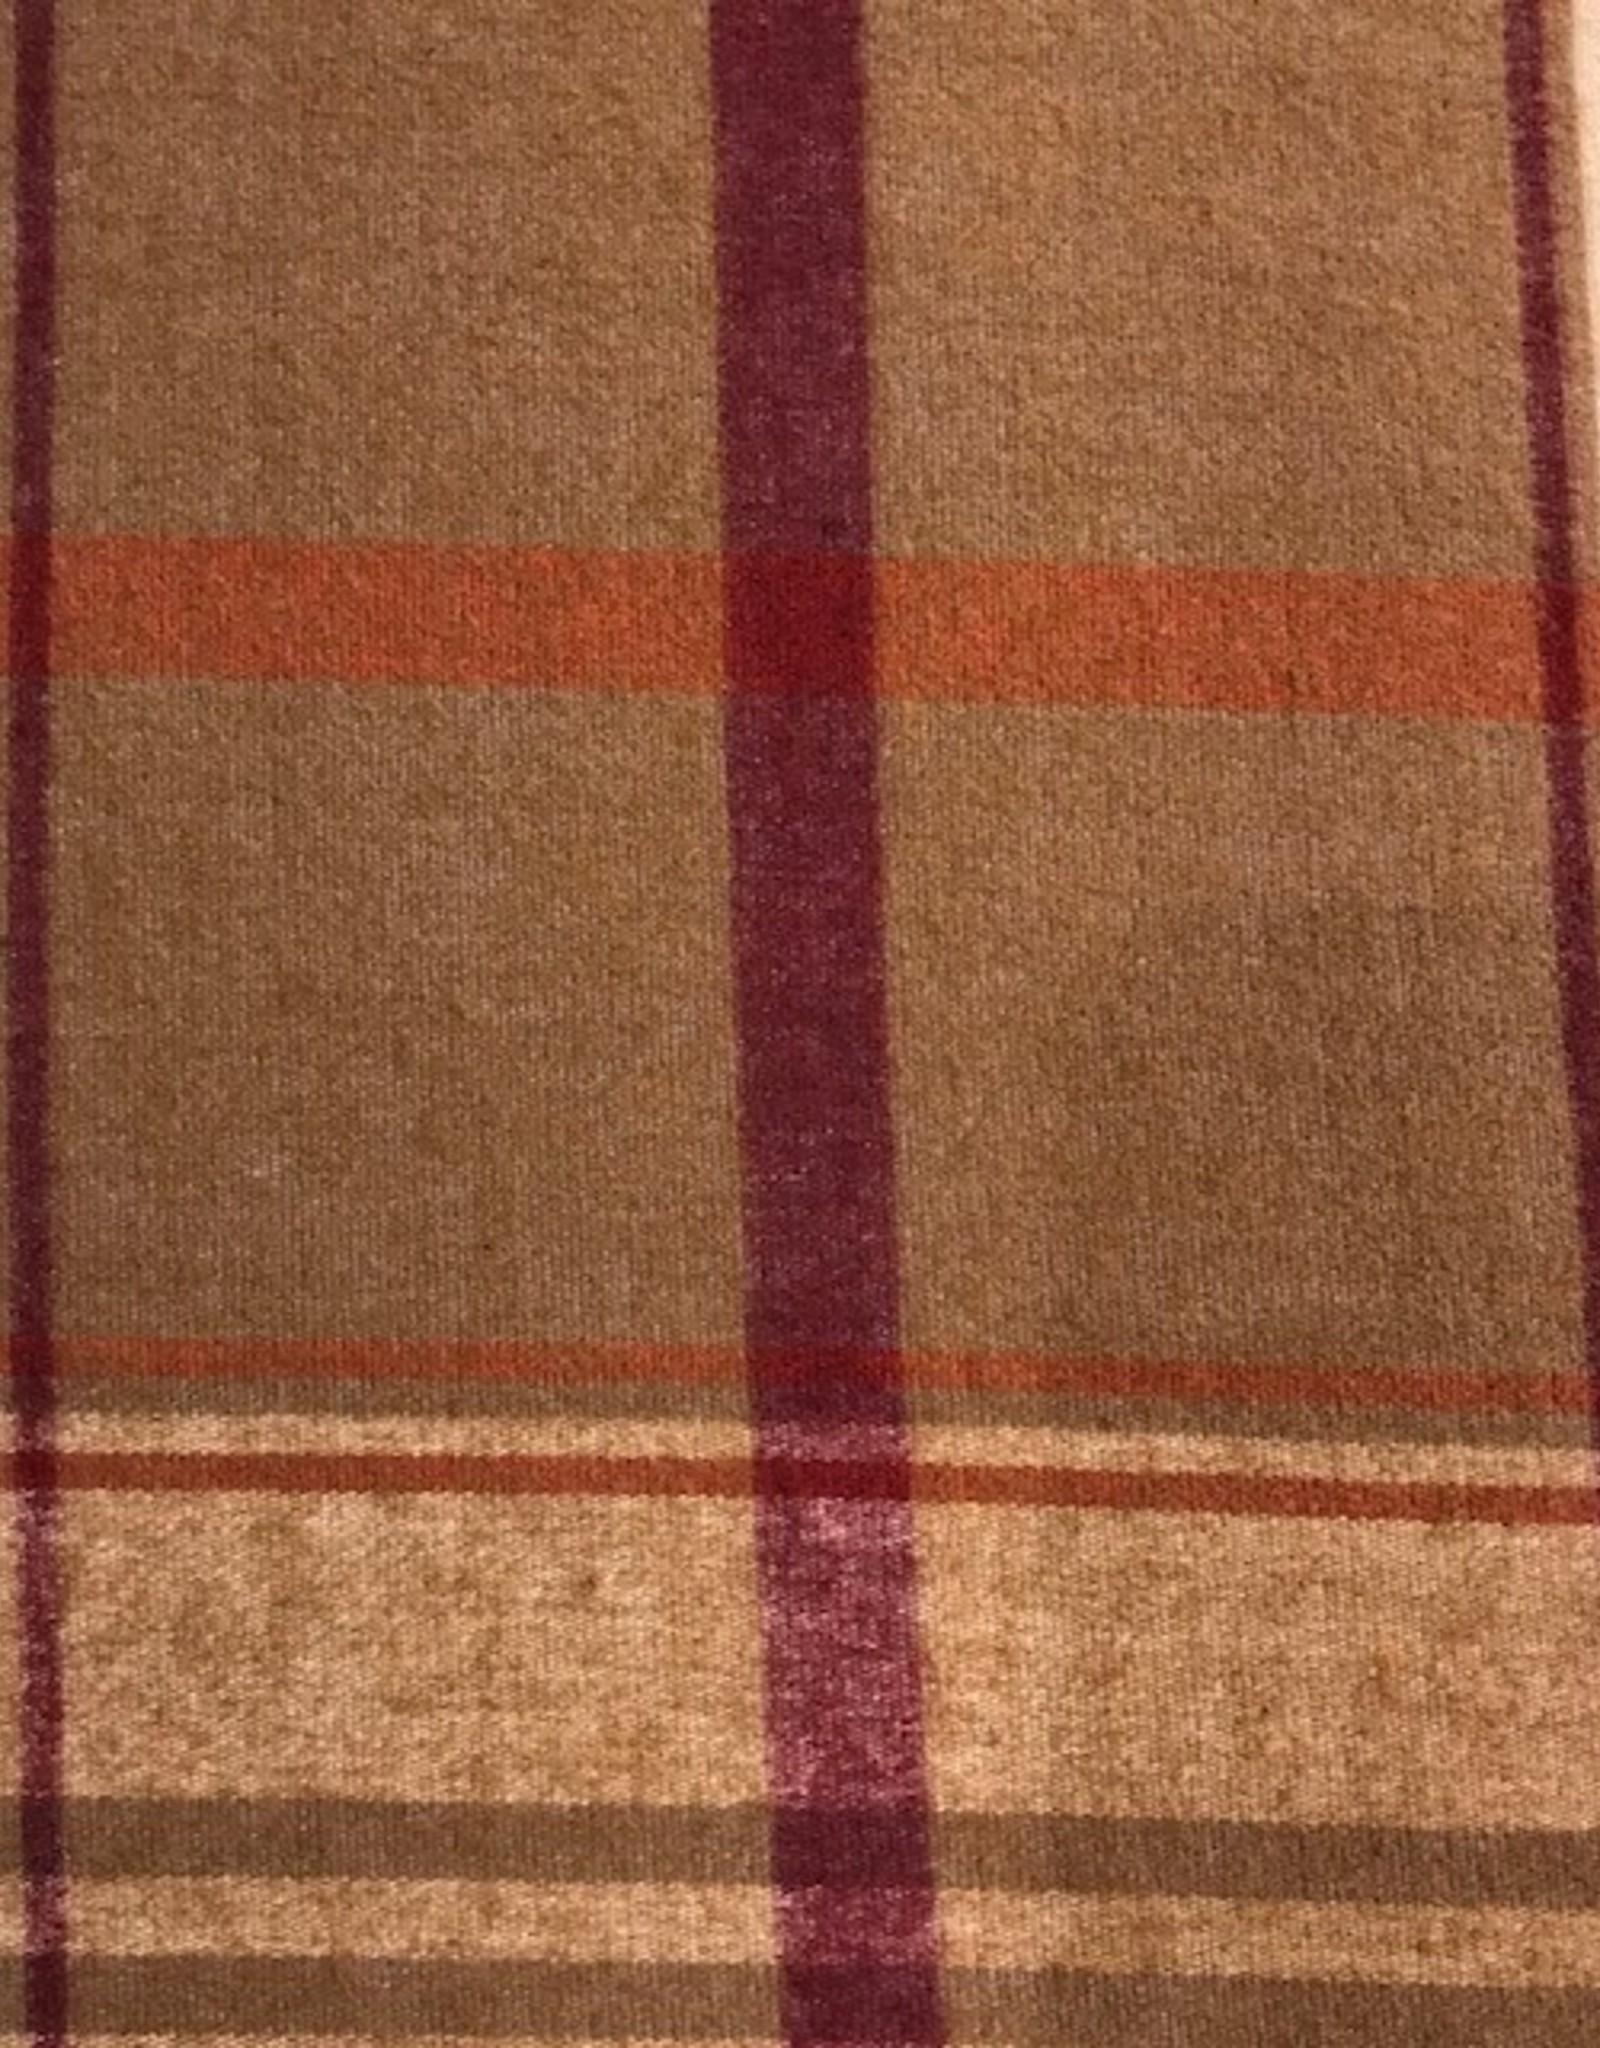 Sognoblu Dekbedovertrek Sognoblu Flanel Artico Brown/Bordeaux